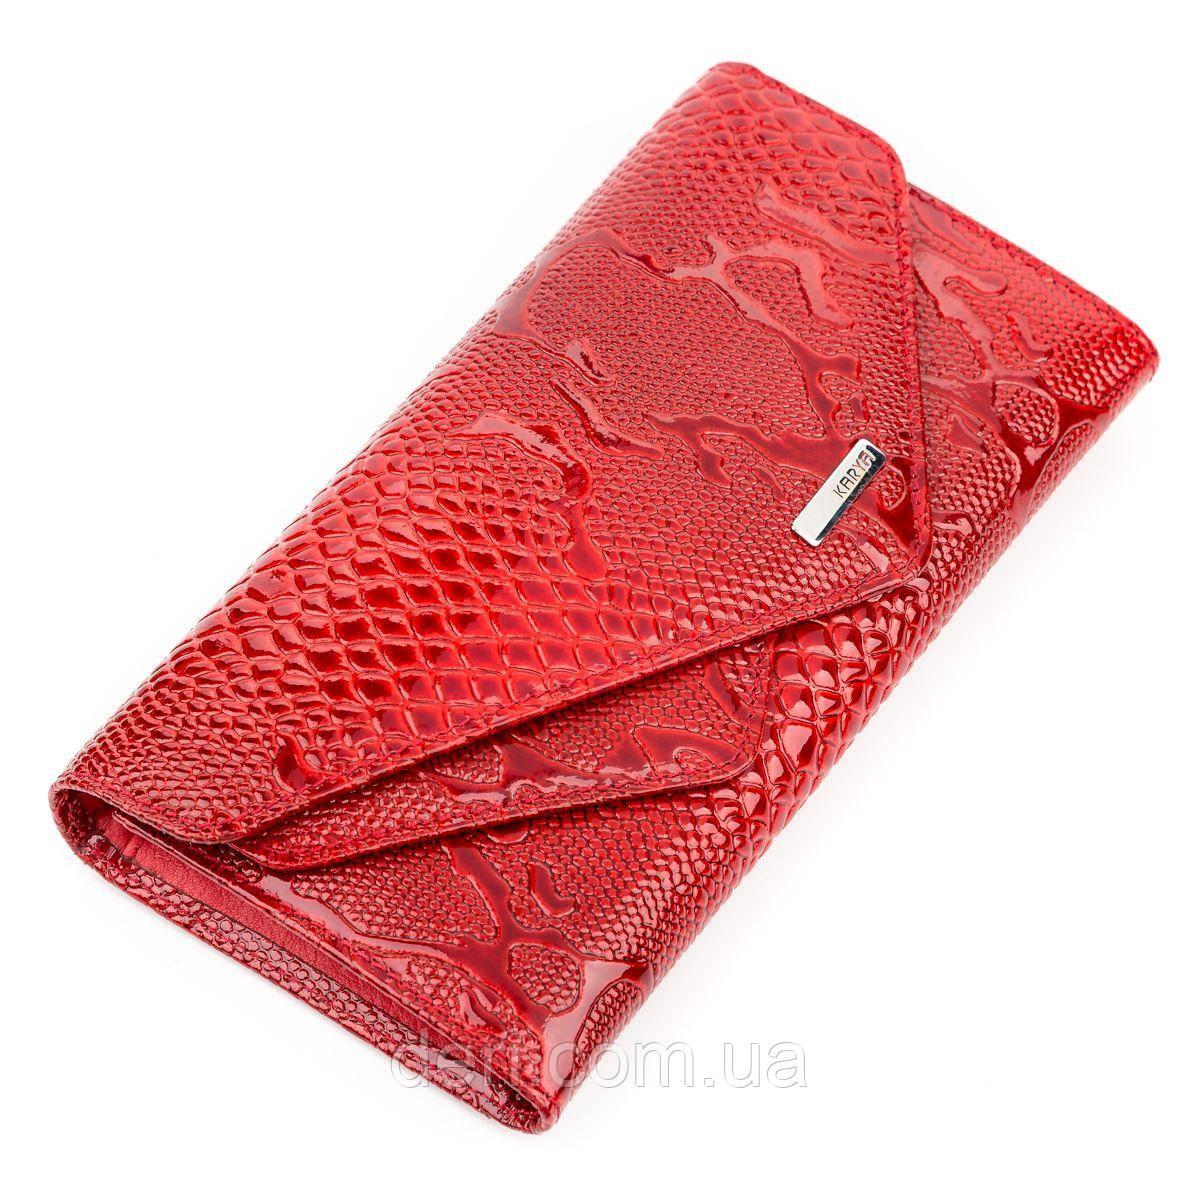 Кошелек женский KARYA 17189 кожаный Красный, Красный